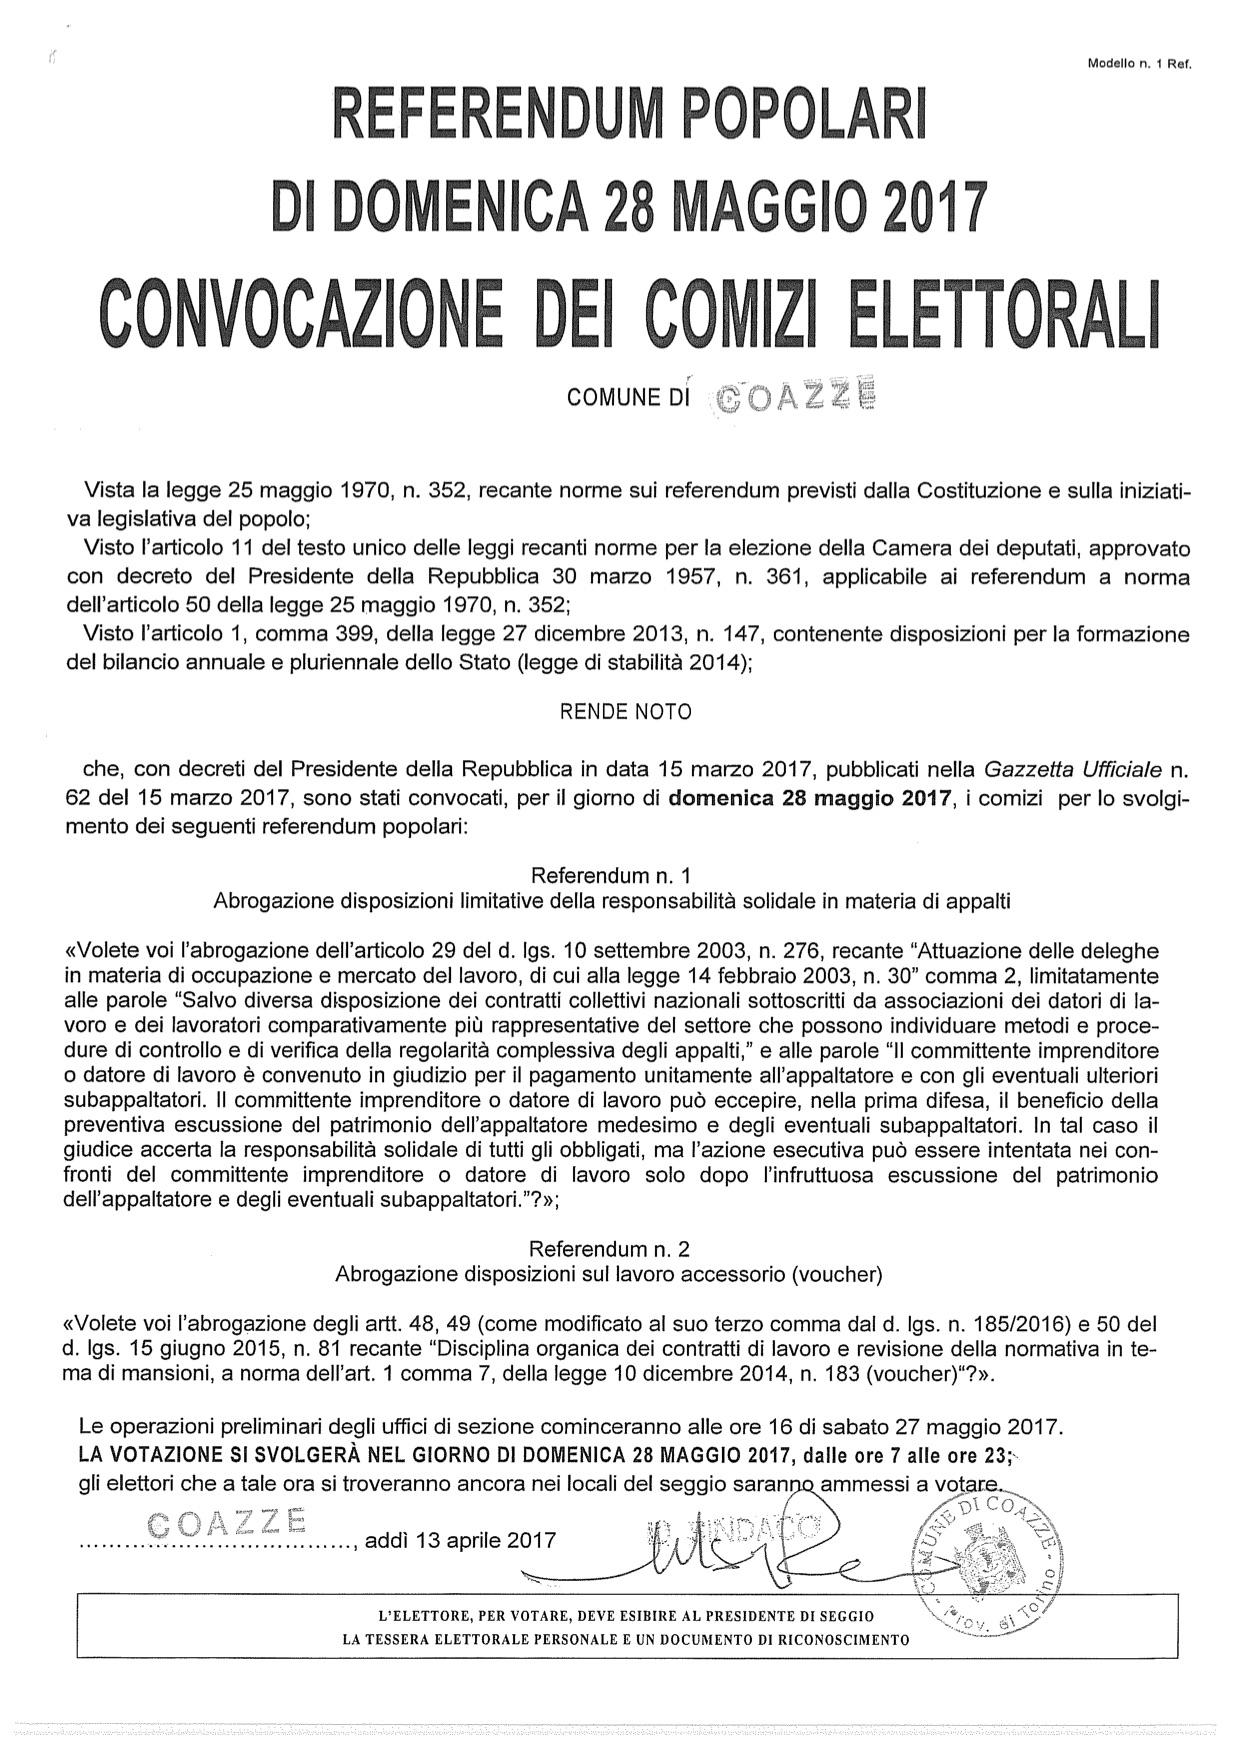 Referendum popolari di domenica 28 maggio 2017 – Convocazione dei comizi elettorali